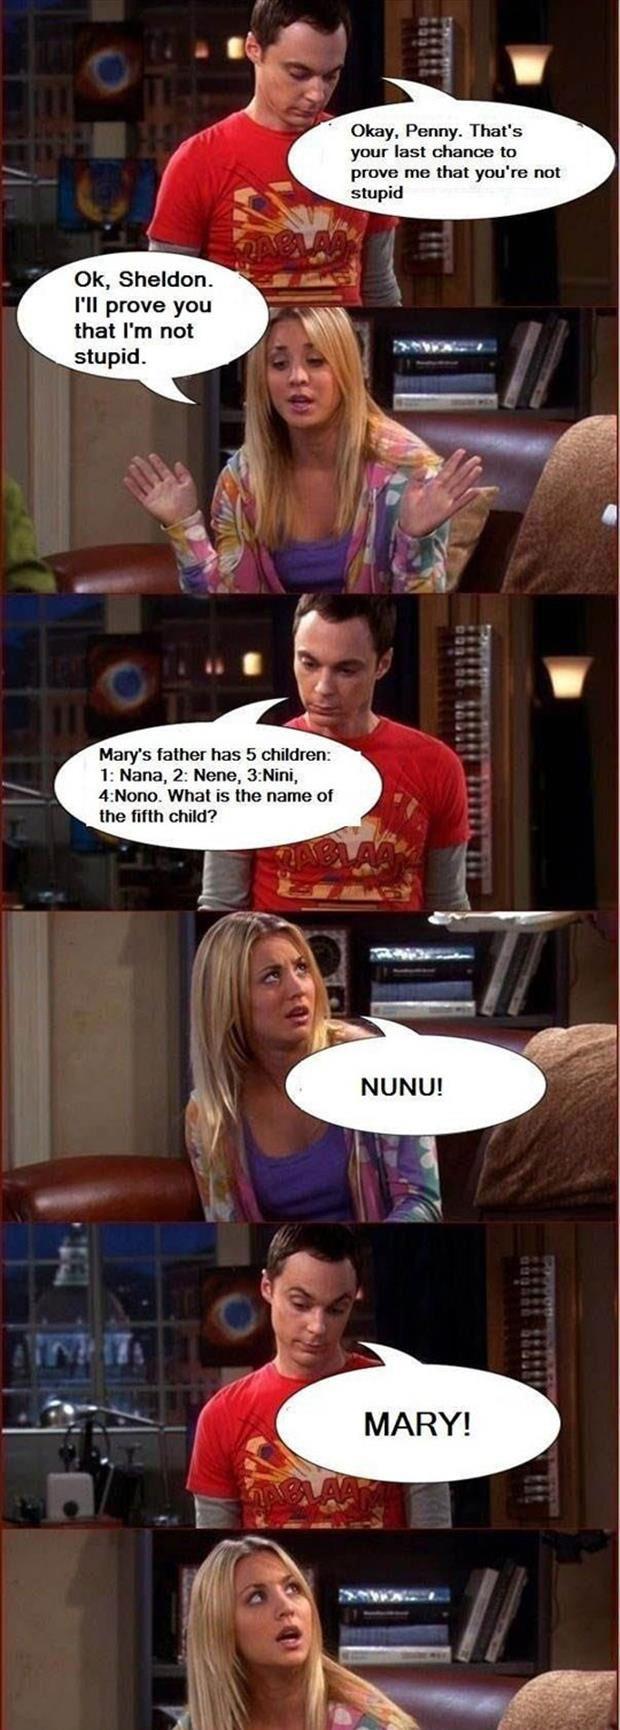 HAHAHAHHAH. Big Bang Theory